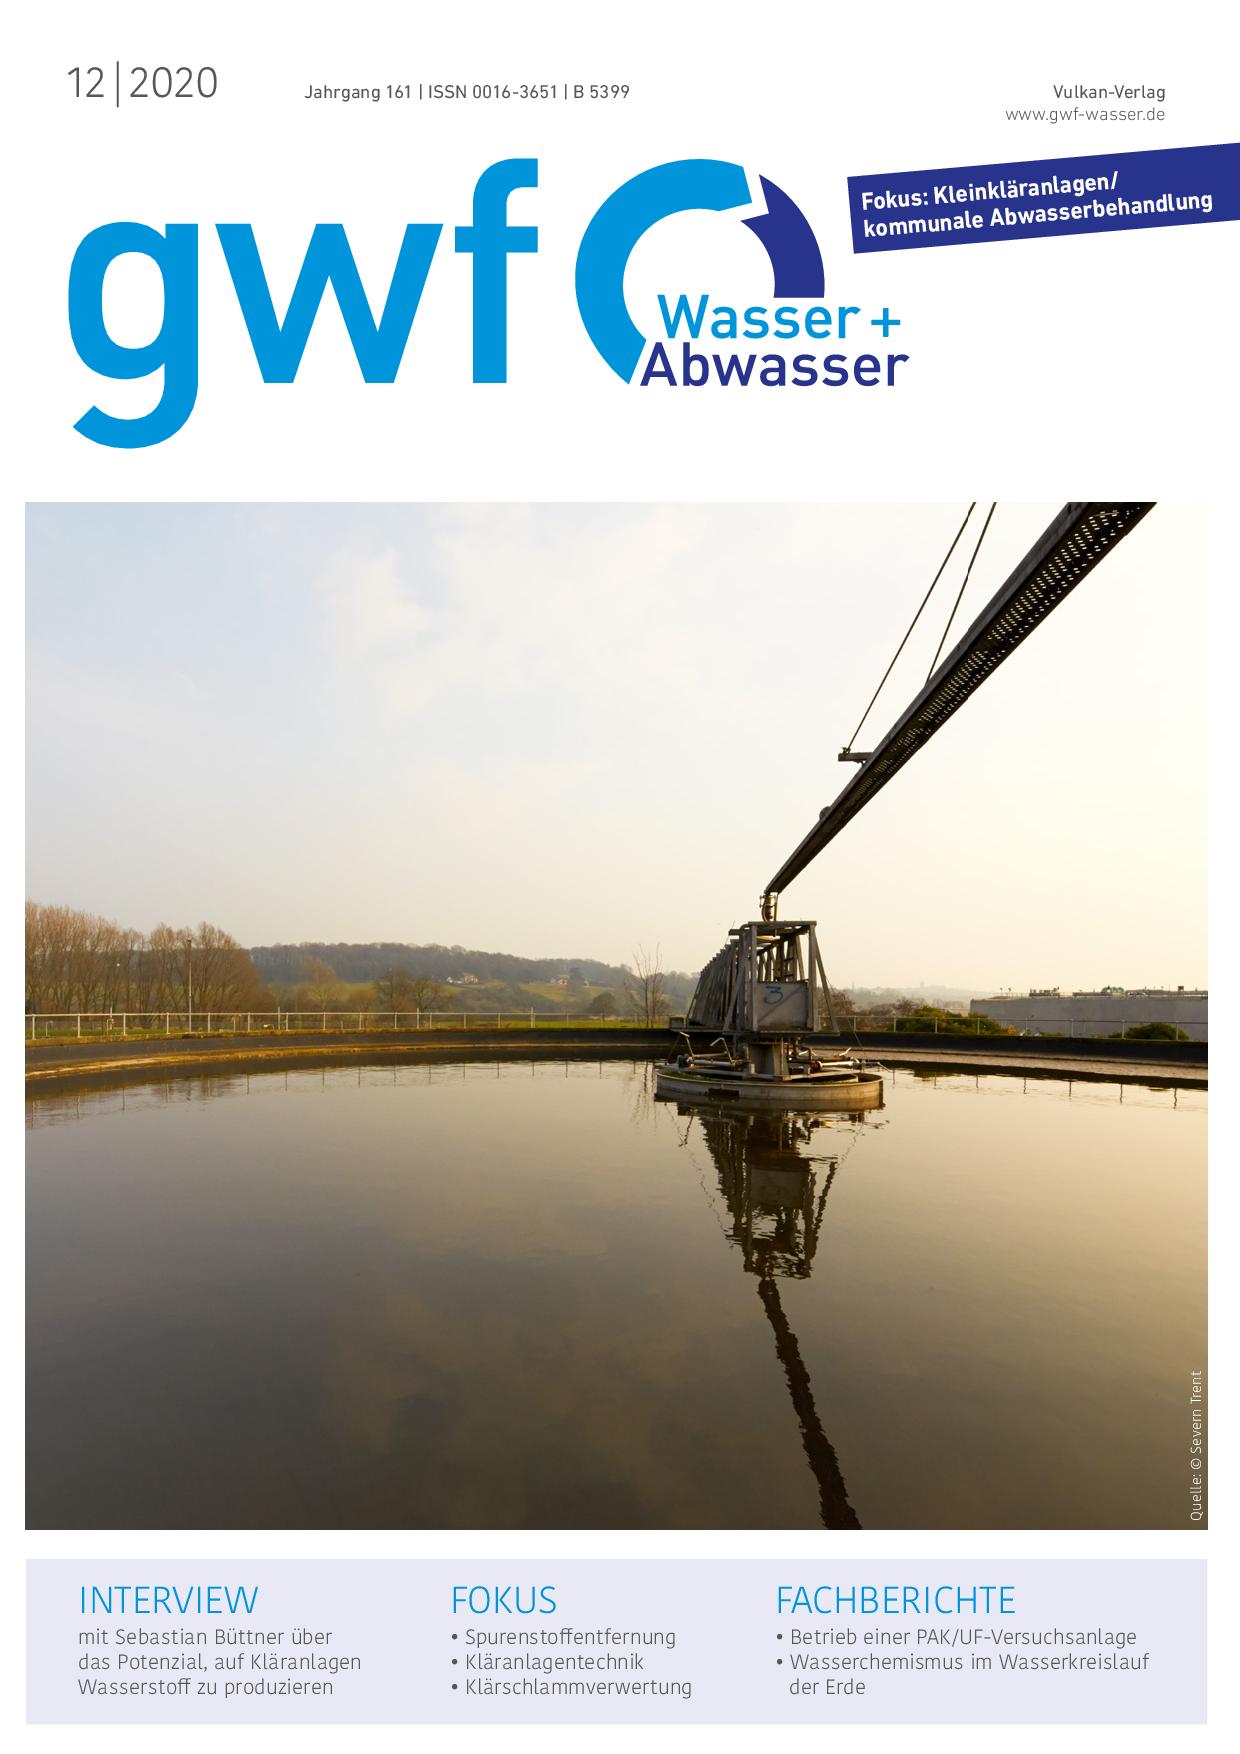 gwf – Wasser|Abwasser – 12 2020